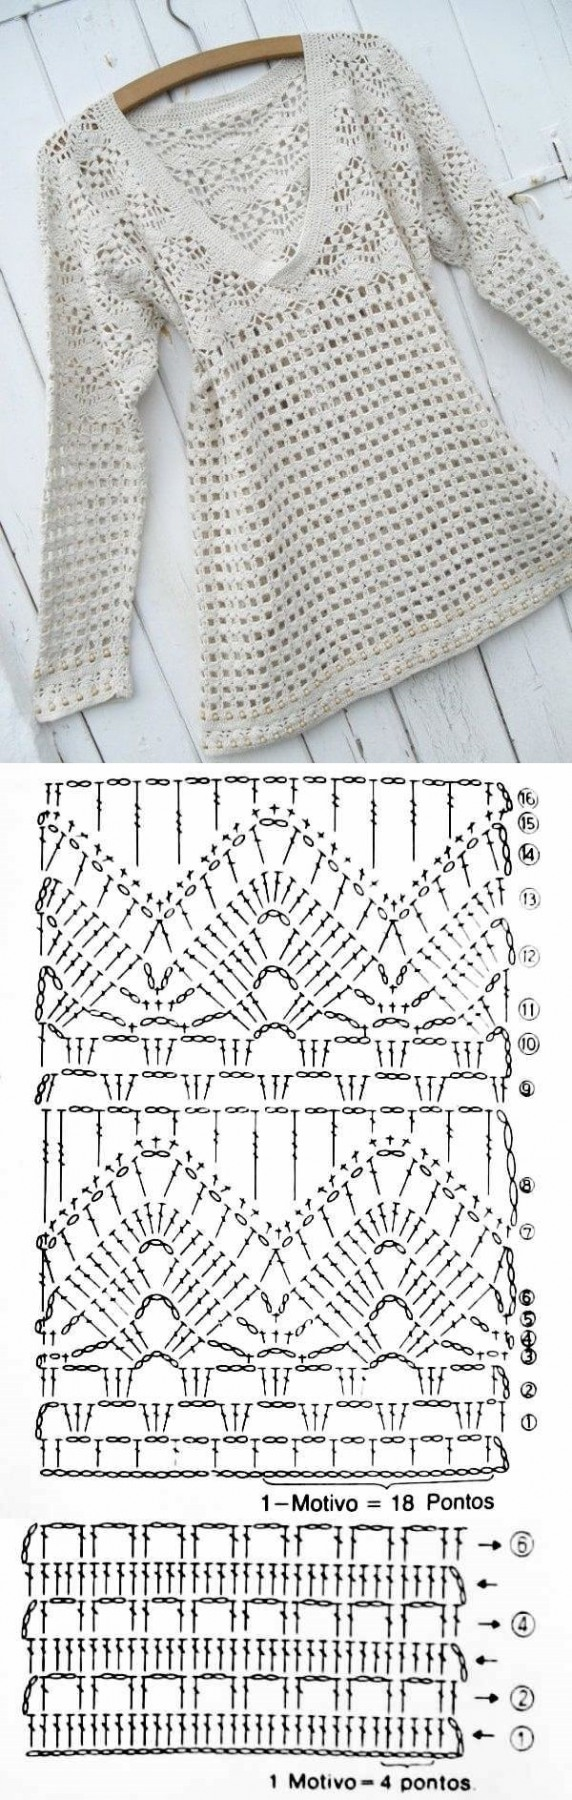 Novos modelos de blusa de crochê com gráfico dos pontos